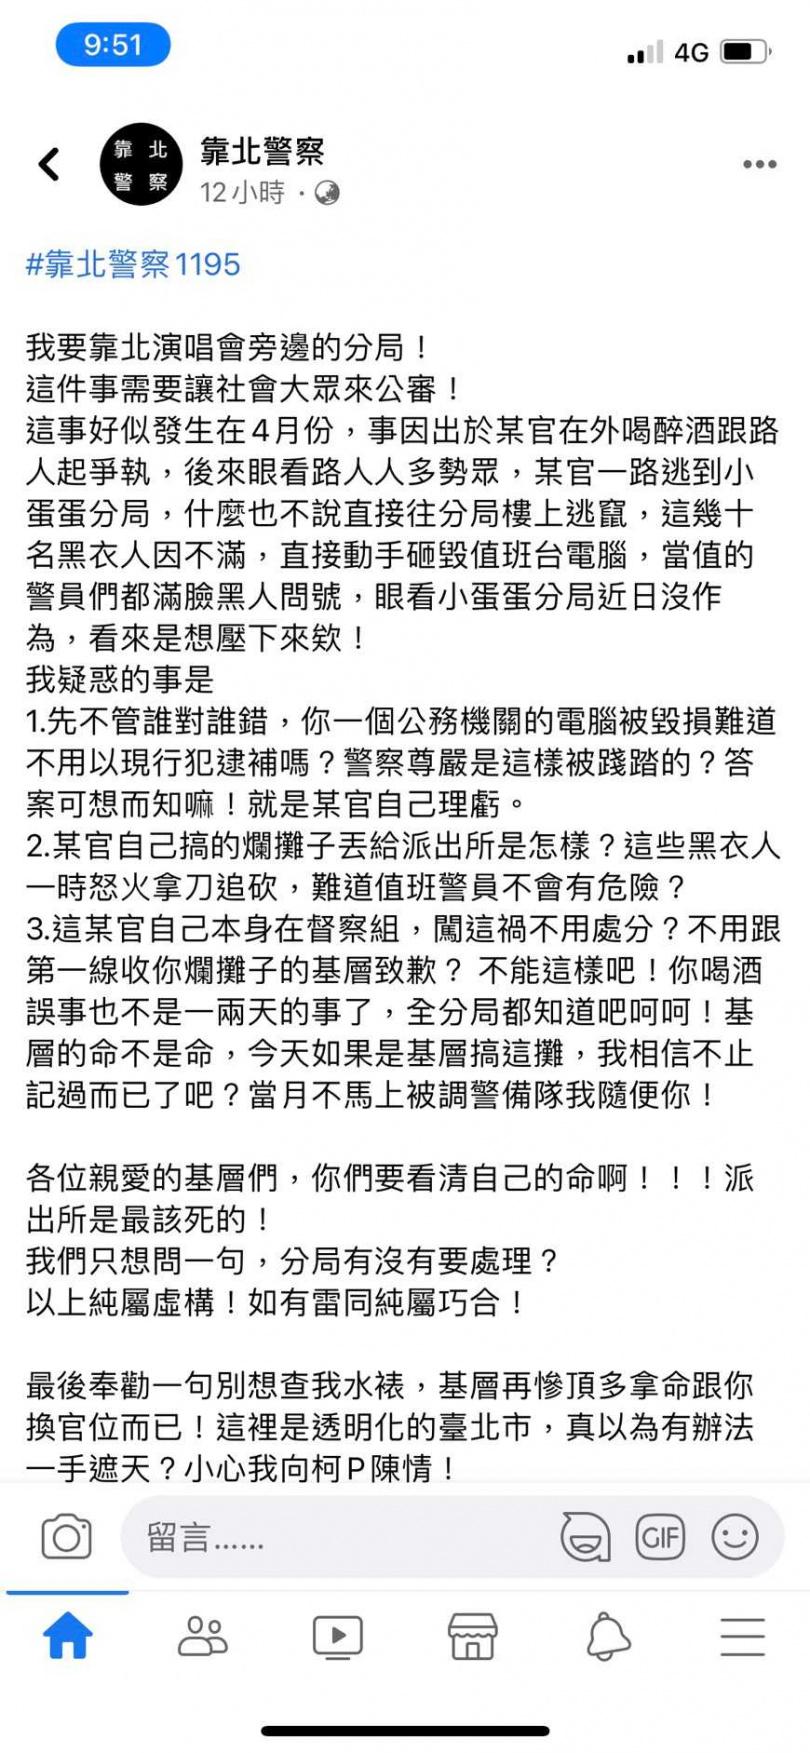 松山分局1名楊姓教官15日凌晨喝完酒,與人發生衝突後躲回分局,10多名黑衣人追趕至分局,砸毀電腦,但督察組卻表示是民眾「不慎碰撞」。(圖/臉書靠北警察)